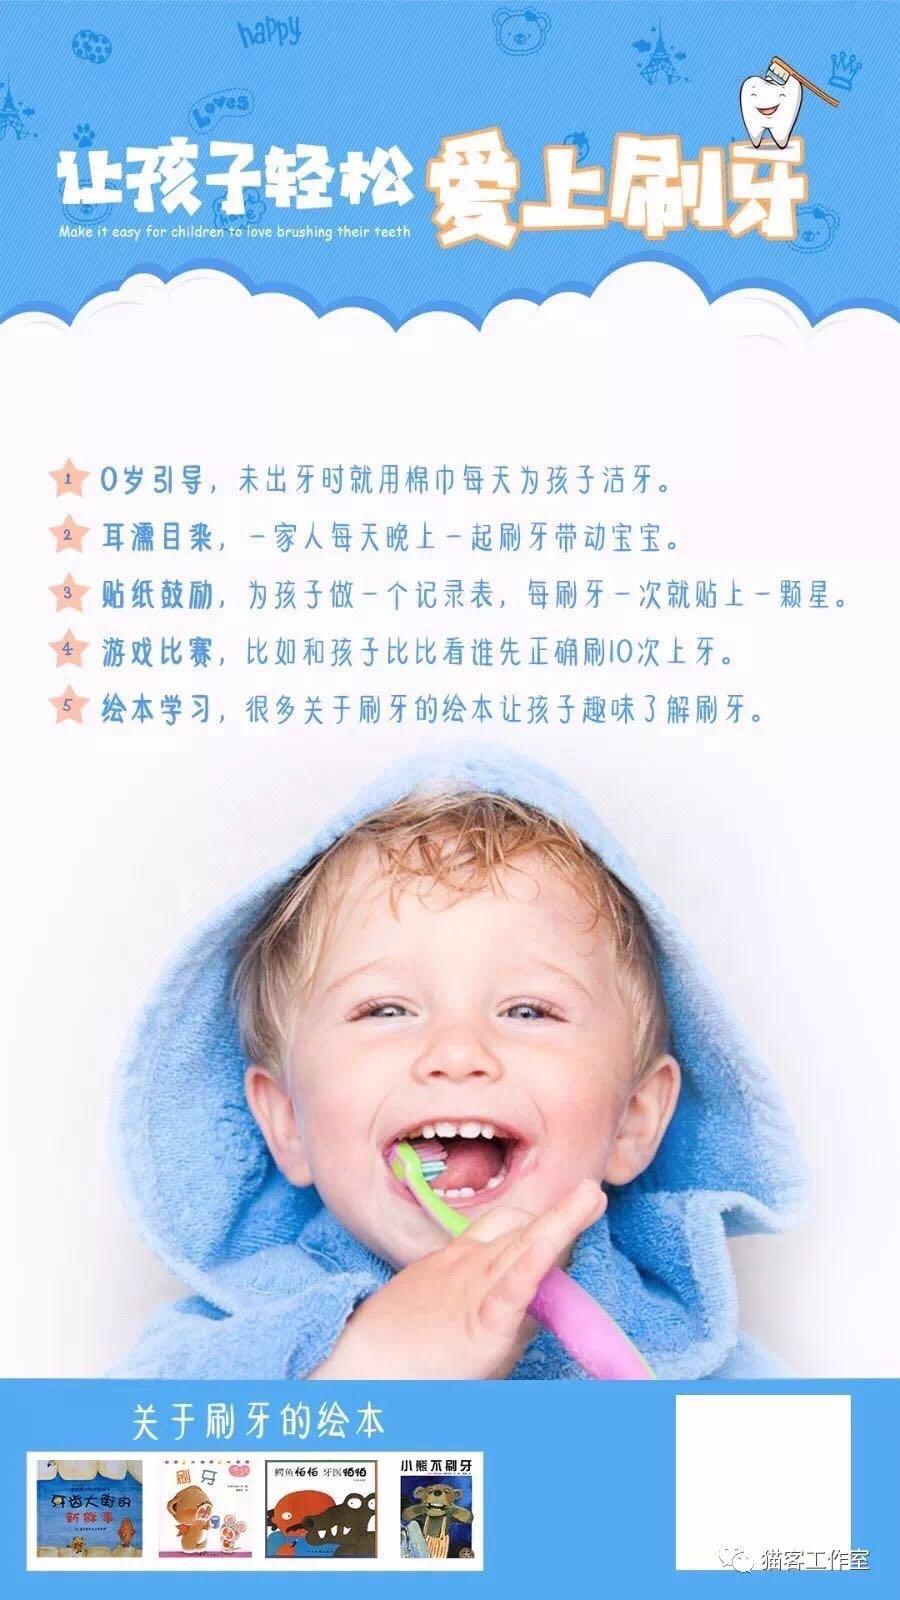 线上线下轻松获得大量宝妈粉,太简单了! 营销 引流 推广 第4张